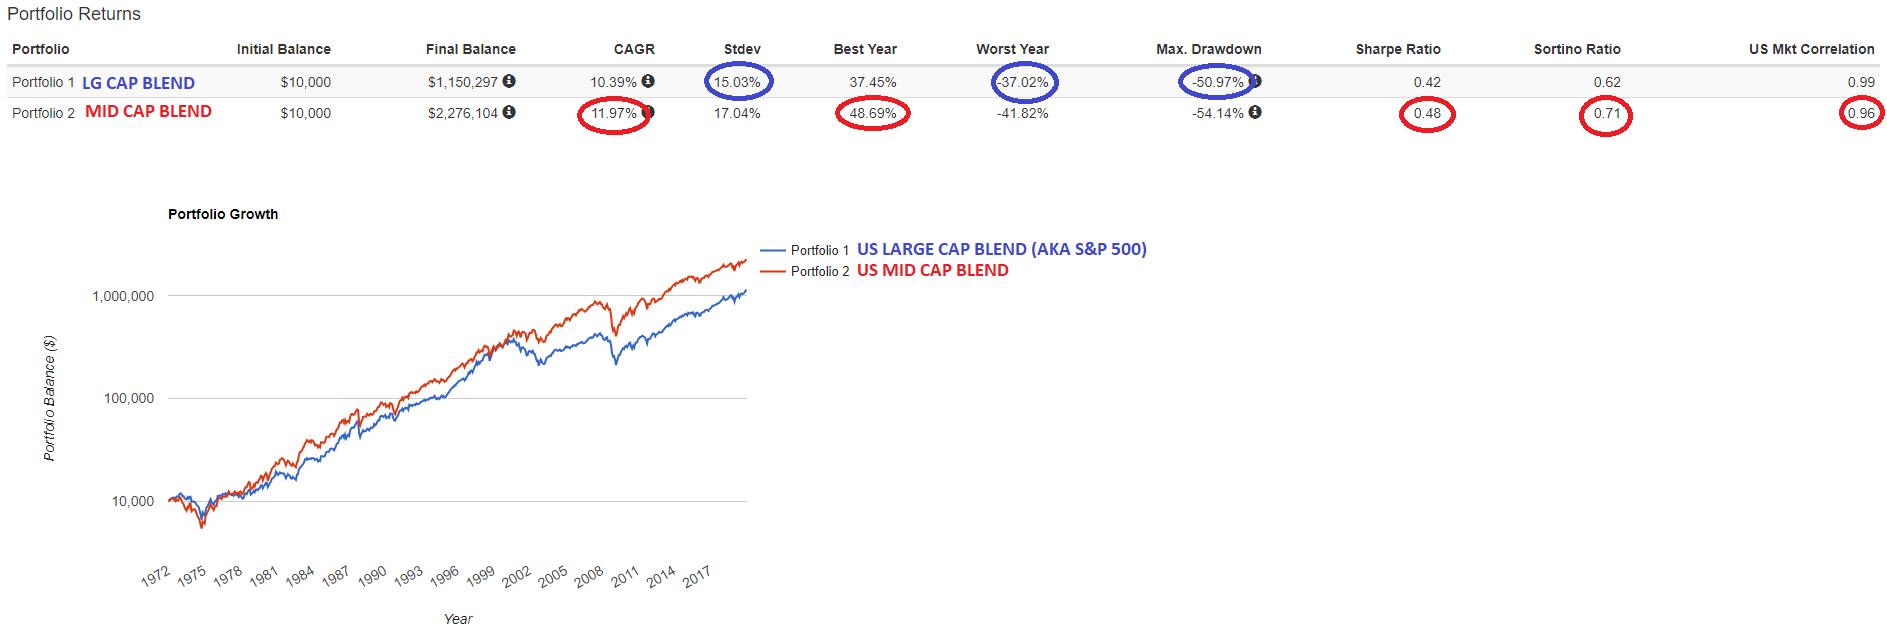 https://i2.wp.com/deepvalueetfaccumulator.com/wp-content/uploads/2020/01/MID-CAP-BLEND-VS-LG-CAP-BLEND-JAN-1972-DEC-2019.png?ssl=1